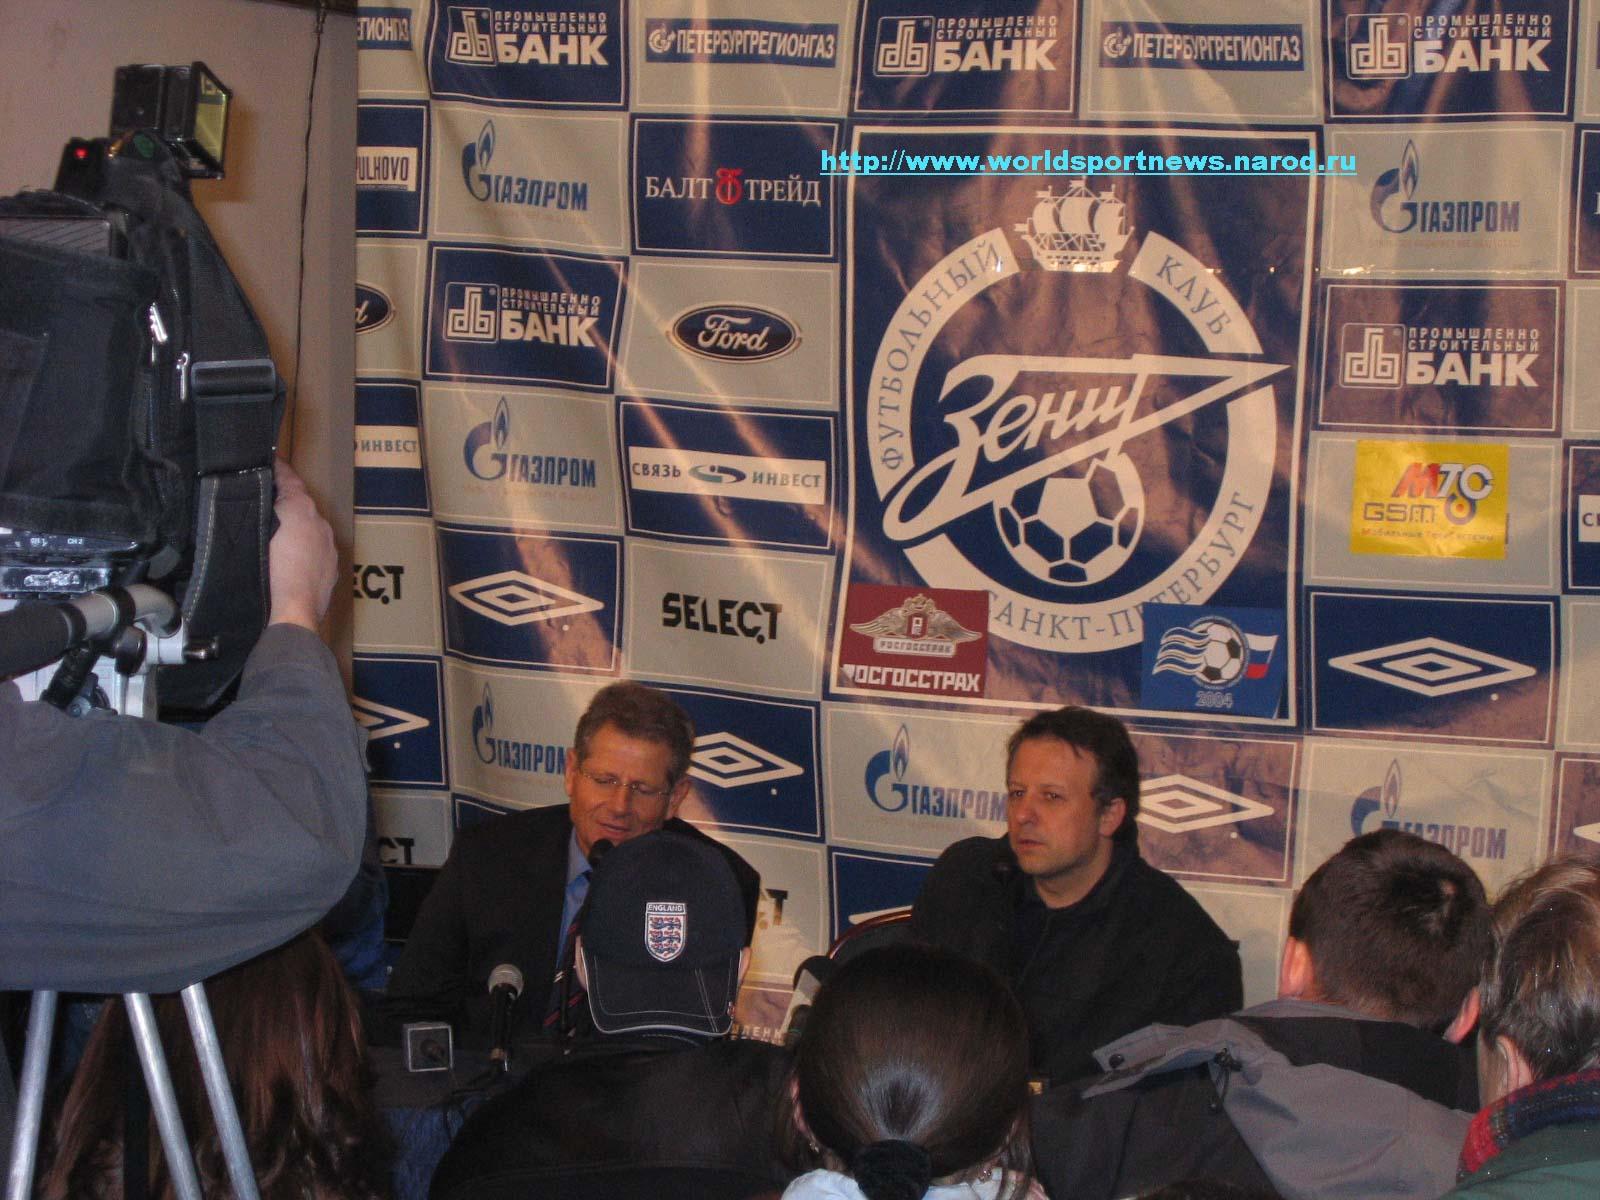 Пресс-конференция главных тренеров команд Зенит - Рубин от 7 апреля 2004 года